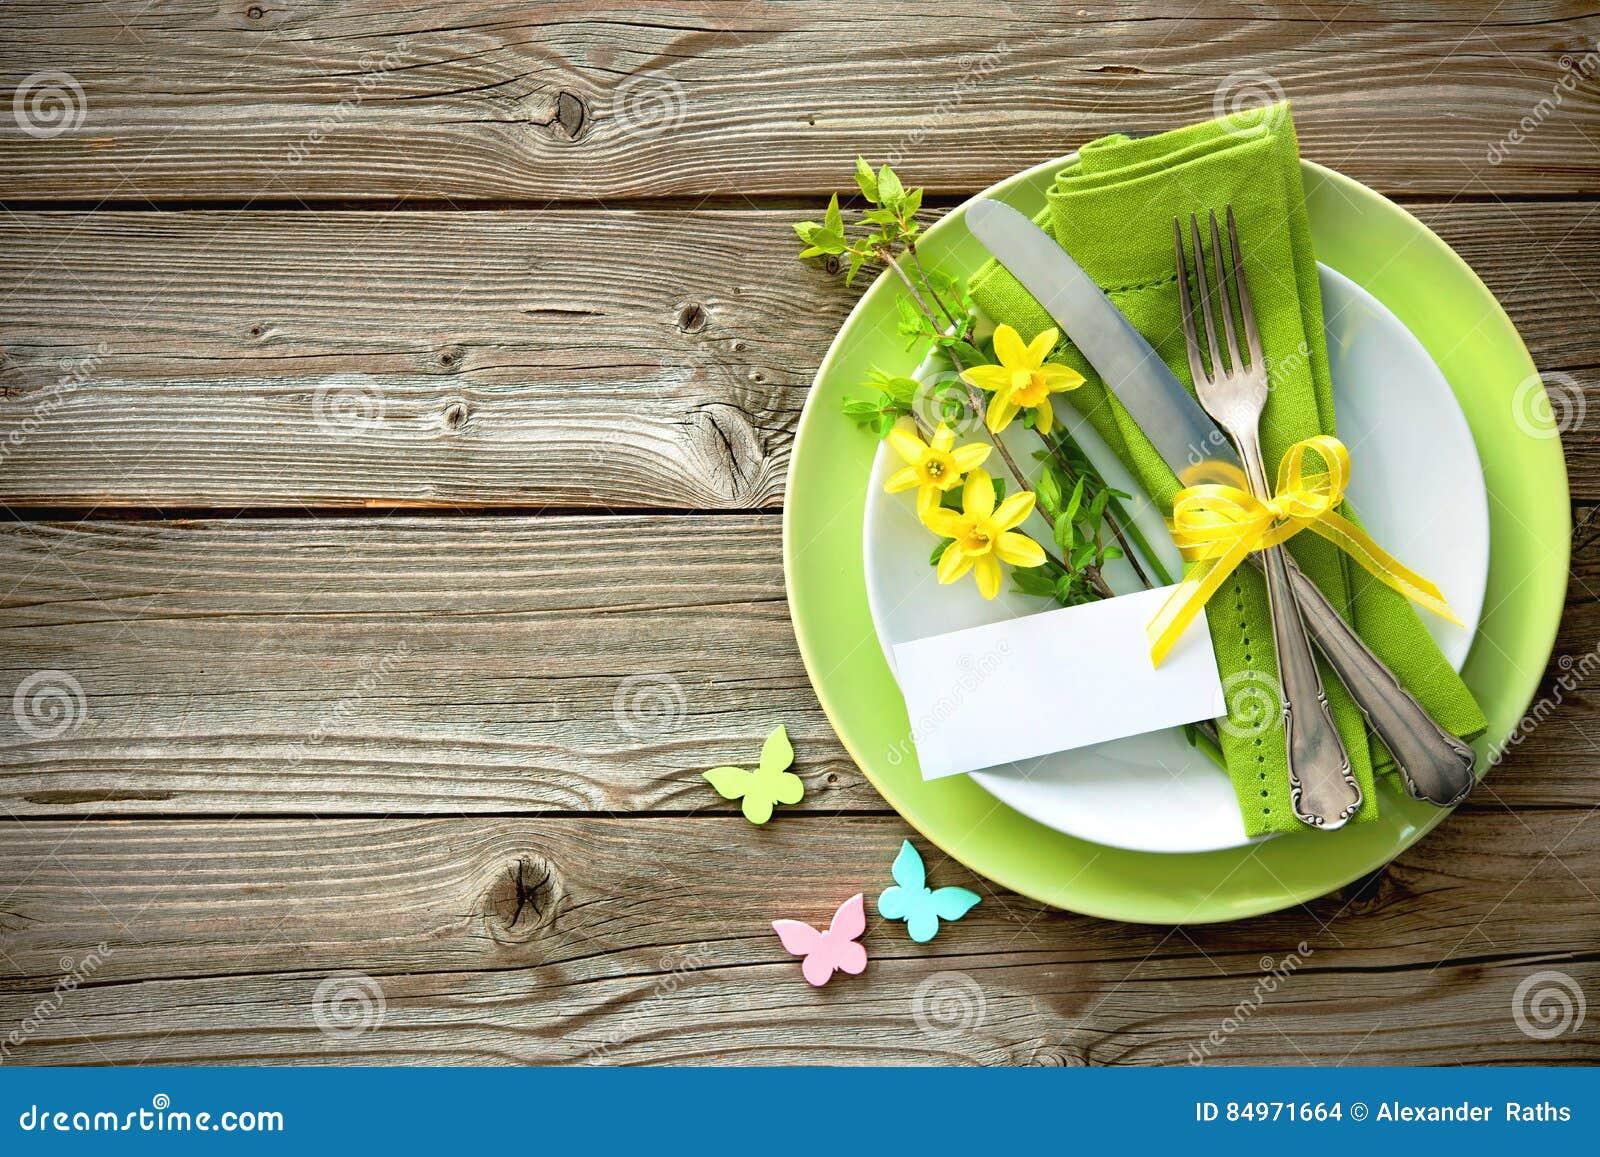 Ostern-Gedeck mit Narzisse und Tischbesteck